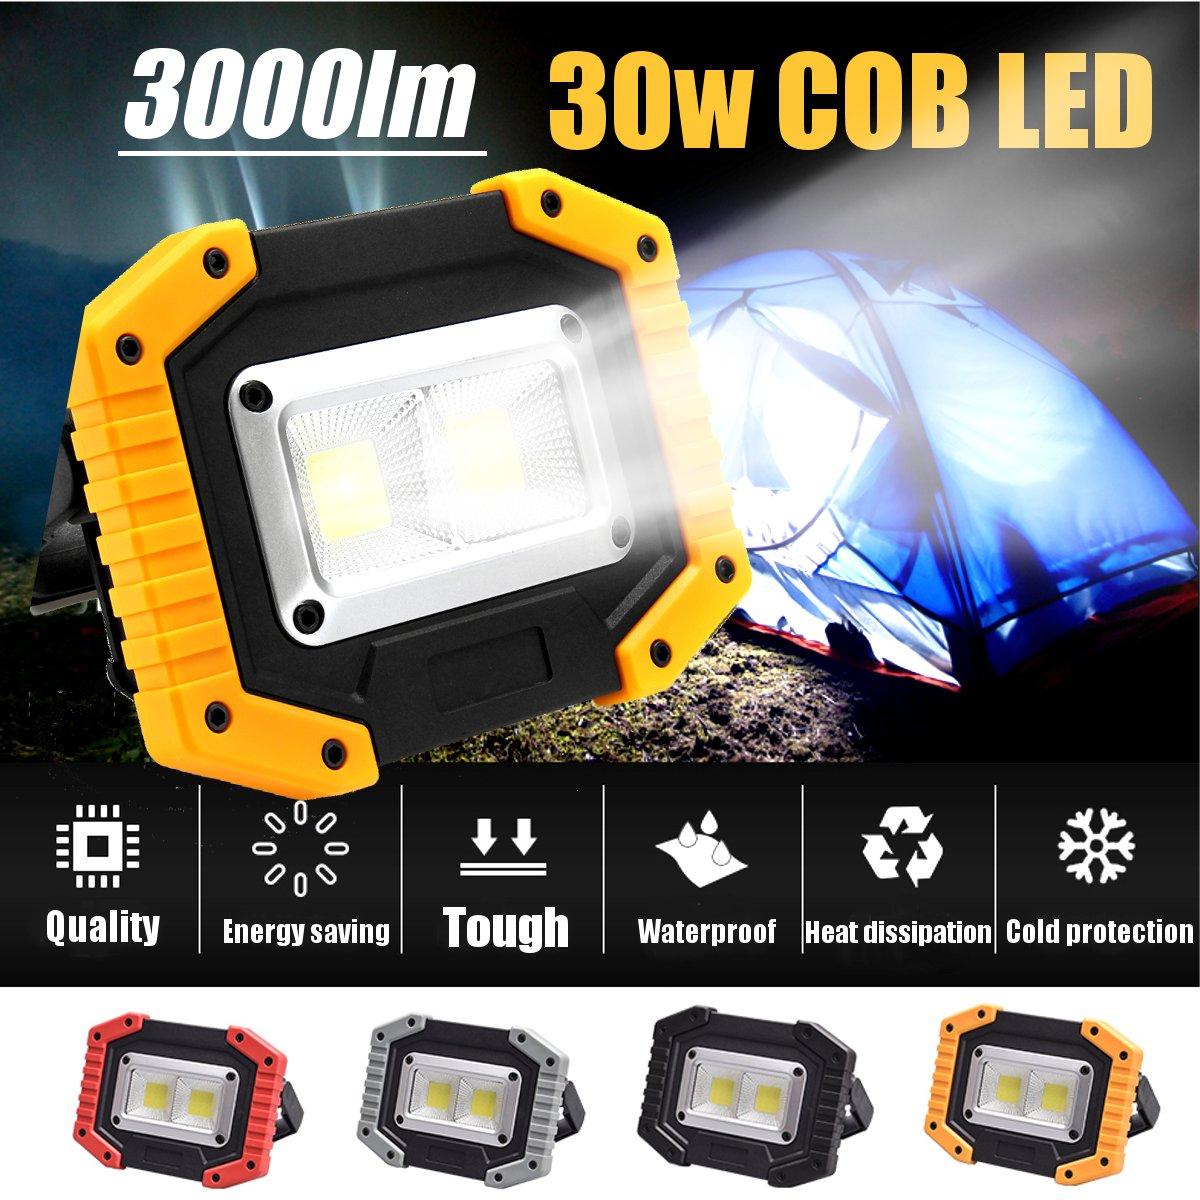 2 COB 30W 3000LM Oplaadbare LED Schijnwerpers Draagbare Waterdichte IP65 voor Outdoor Camping Wandelen Emergency Auto Reparatie